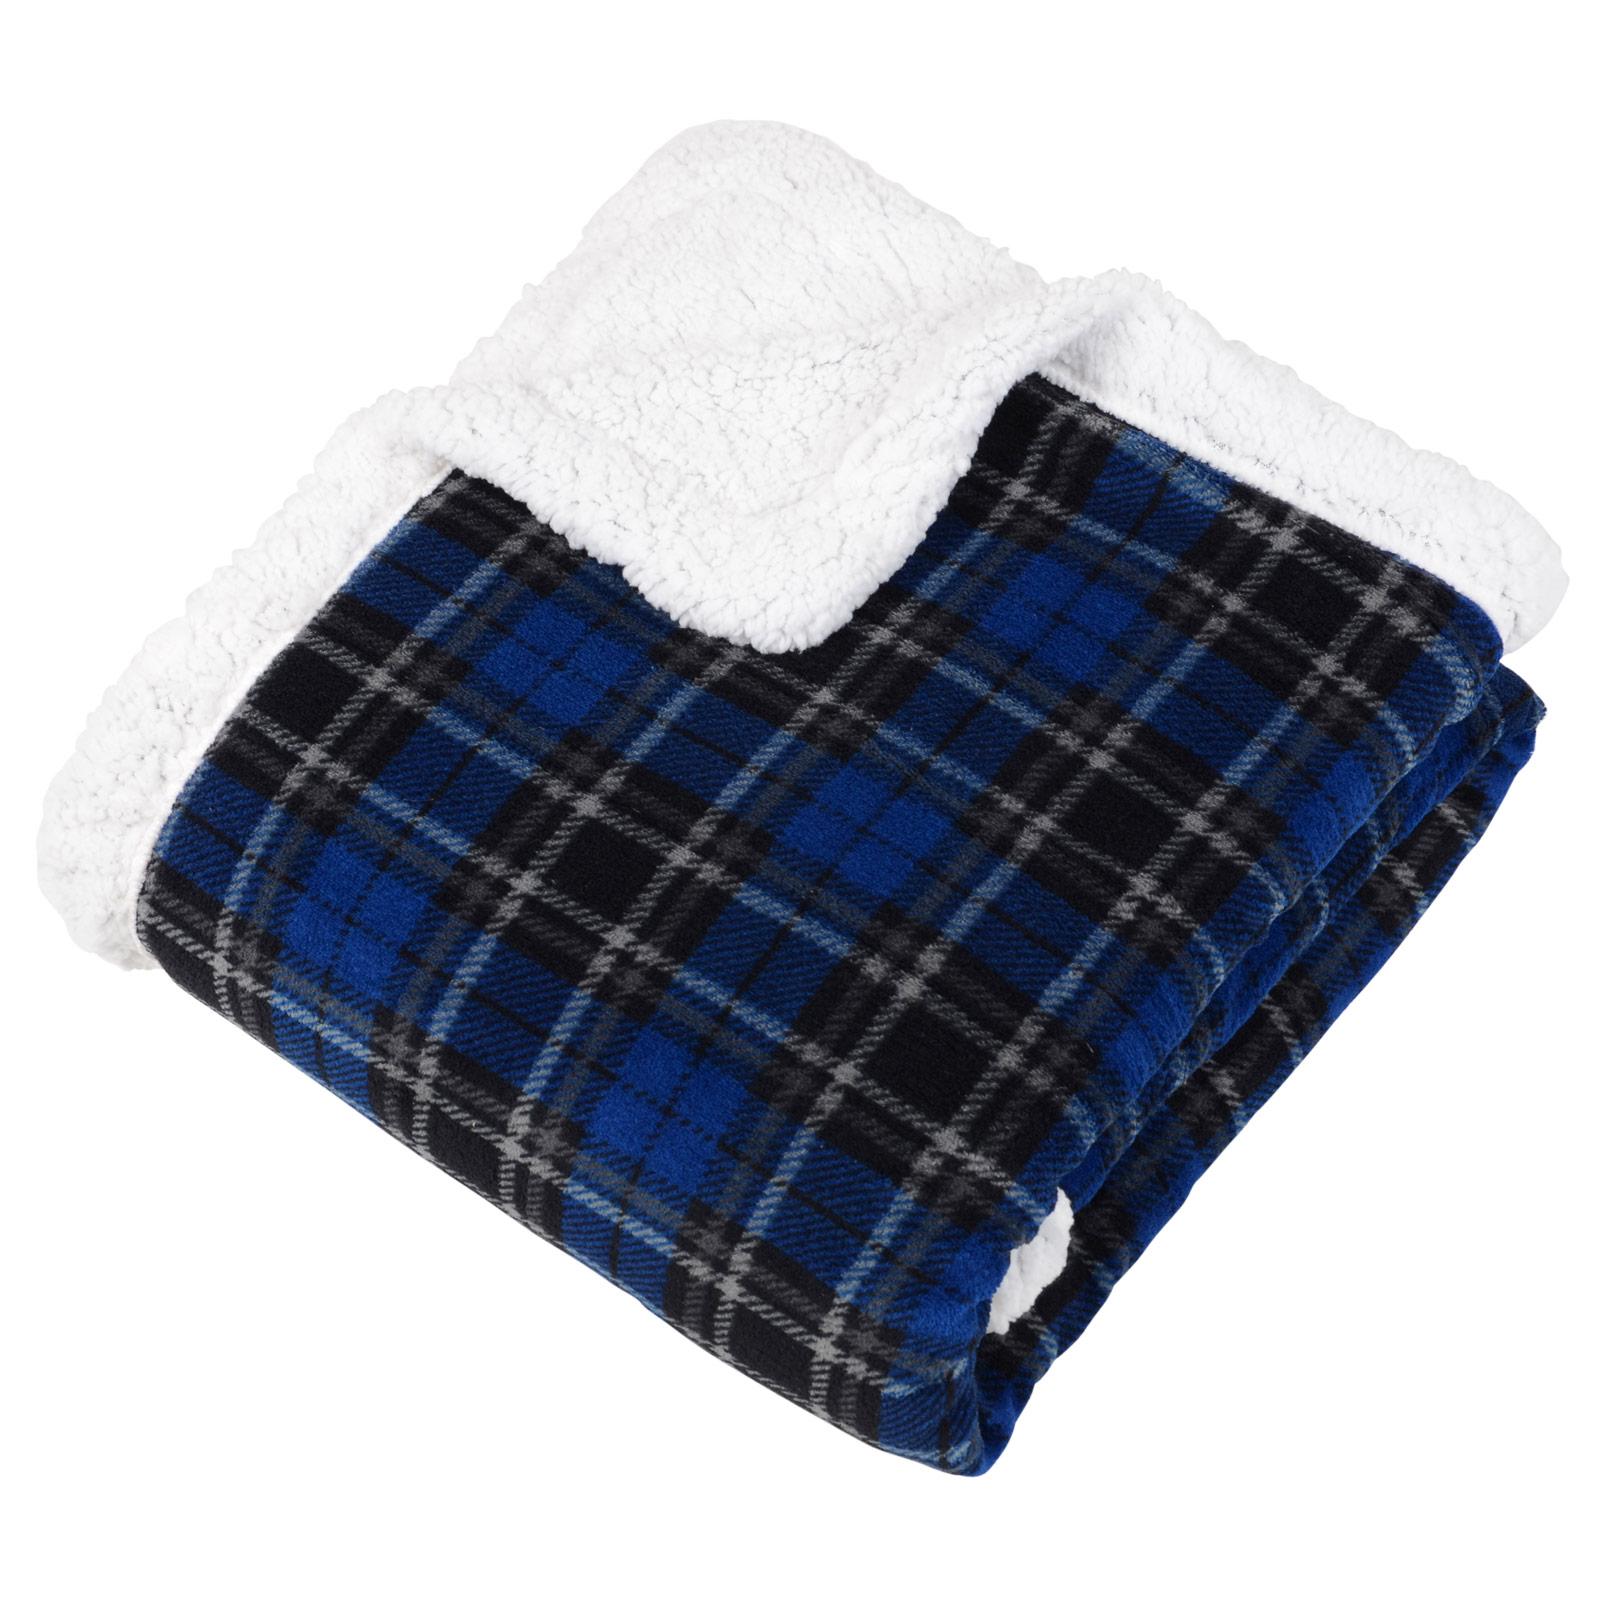 Tartan check warm fleece blanket soft sherpa luxury warm for Sherpa blanket